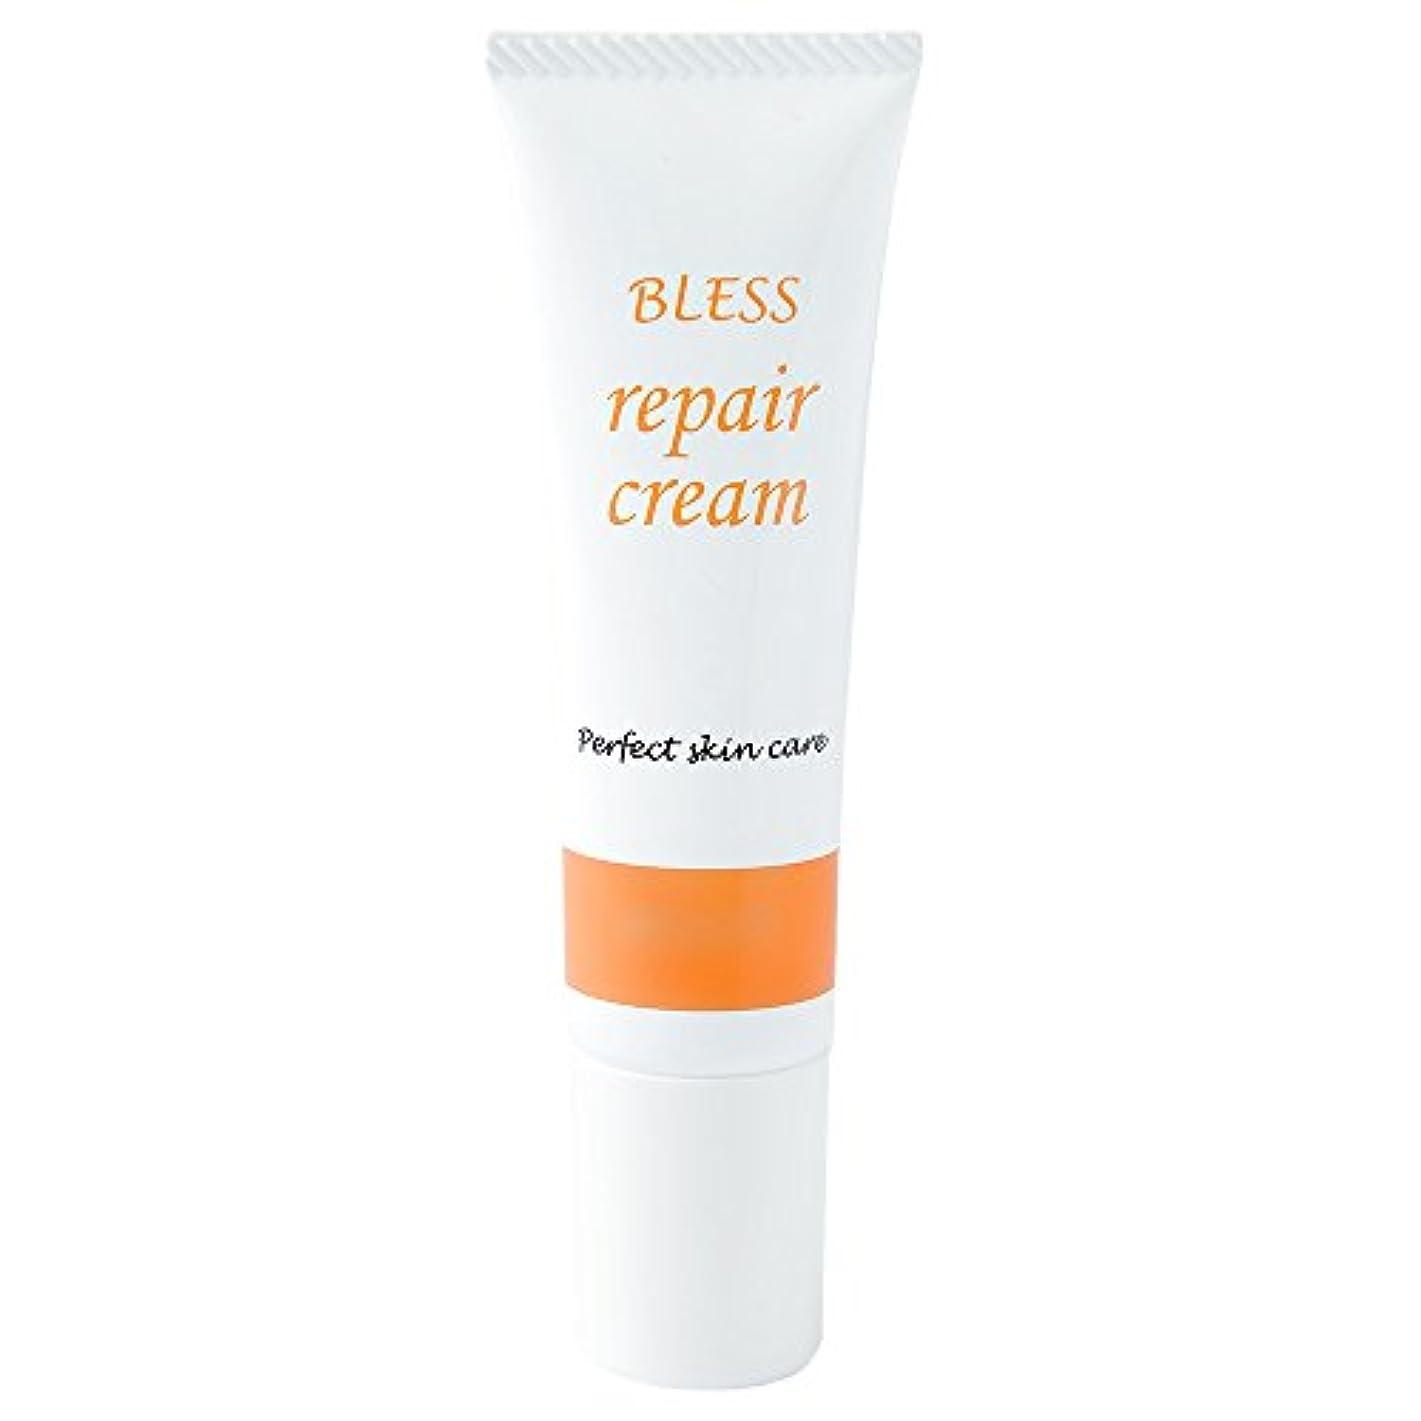 和狂人傾向があります【BLESS】 しわ 対策用 エイジング リペアクリーム 30g 無添加 抗シワ評価試験済み製品 日本製 美容液